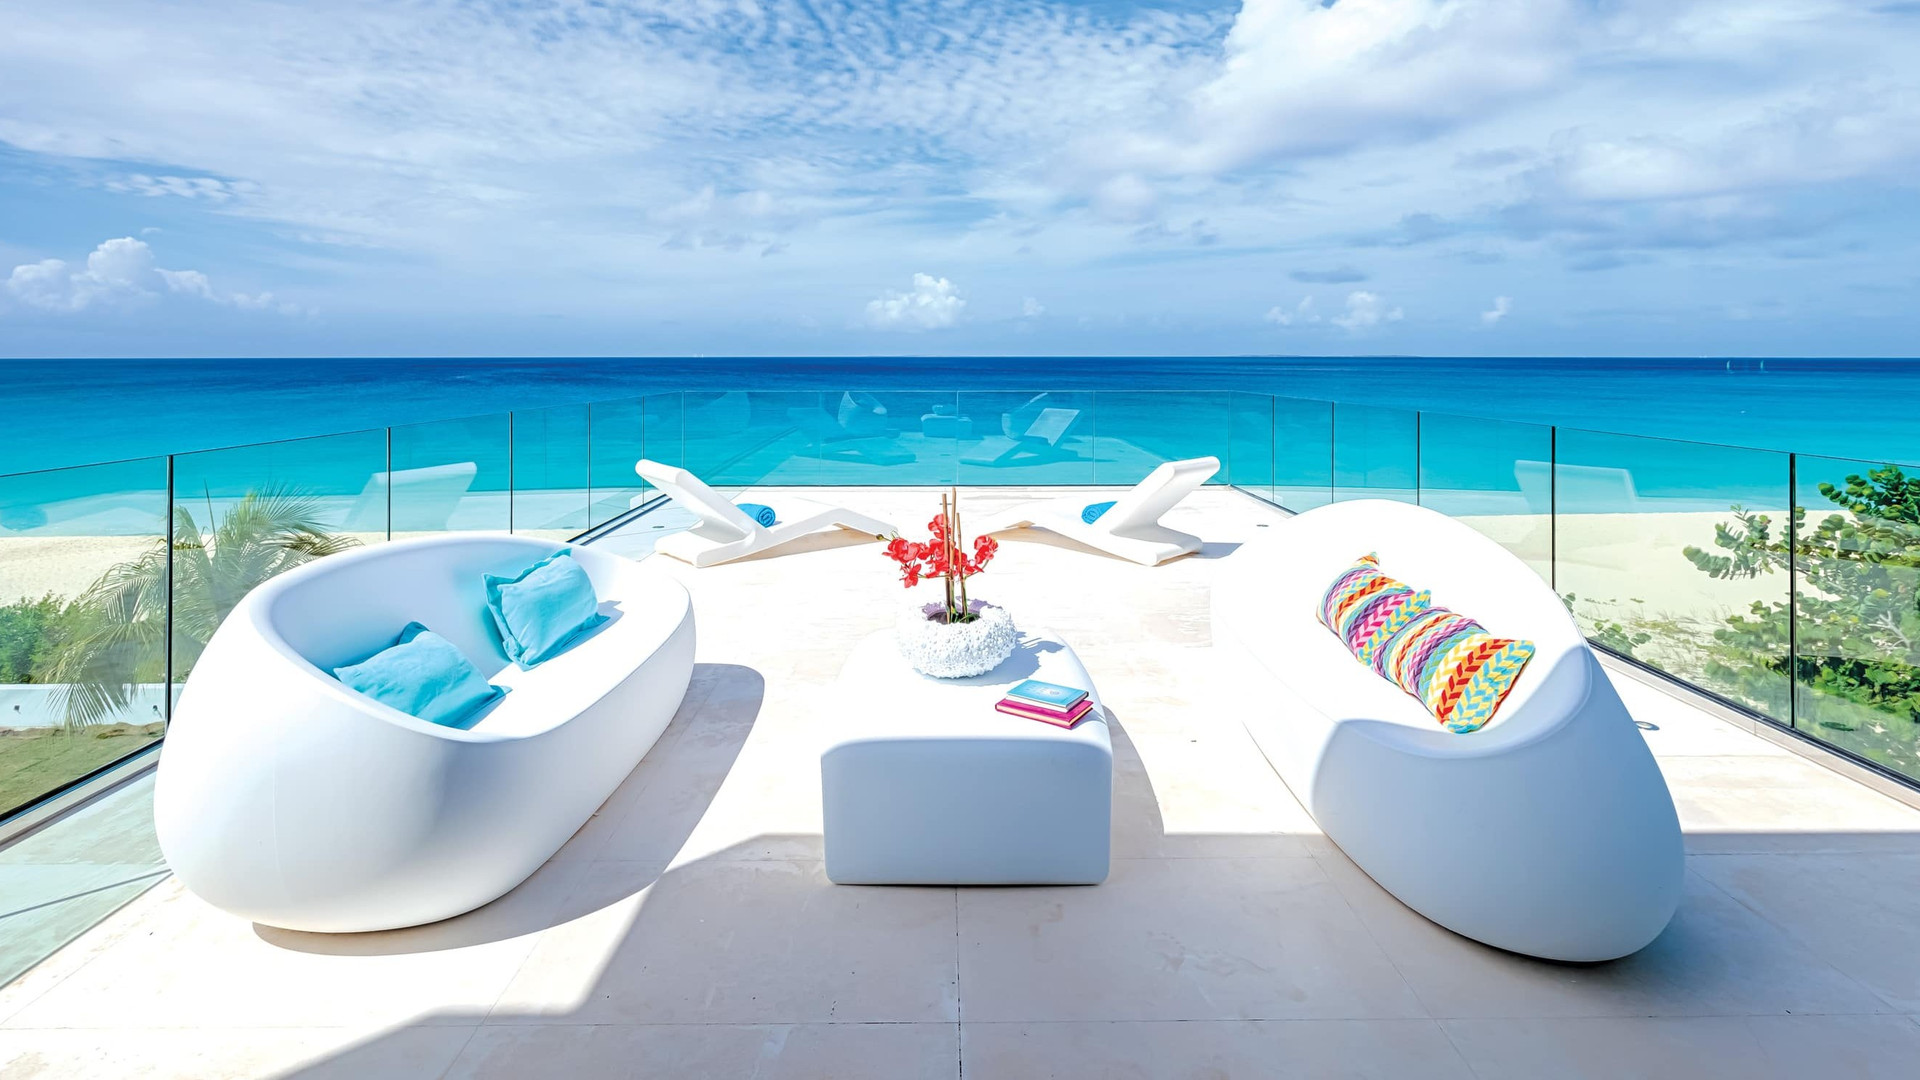 The_Beach_House_on_Meads_Bay_Beach_05_ed